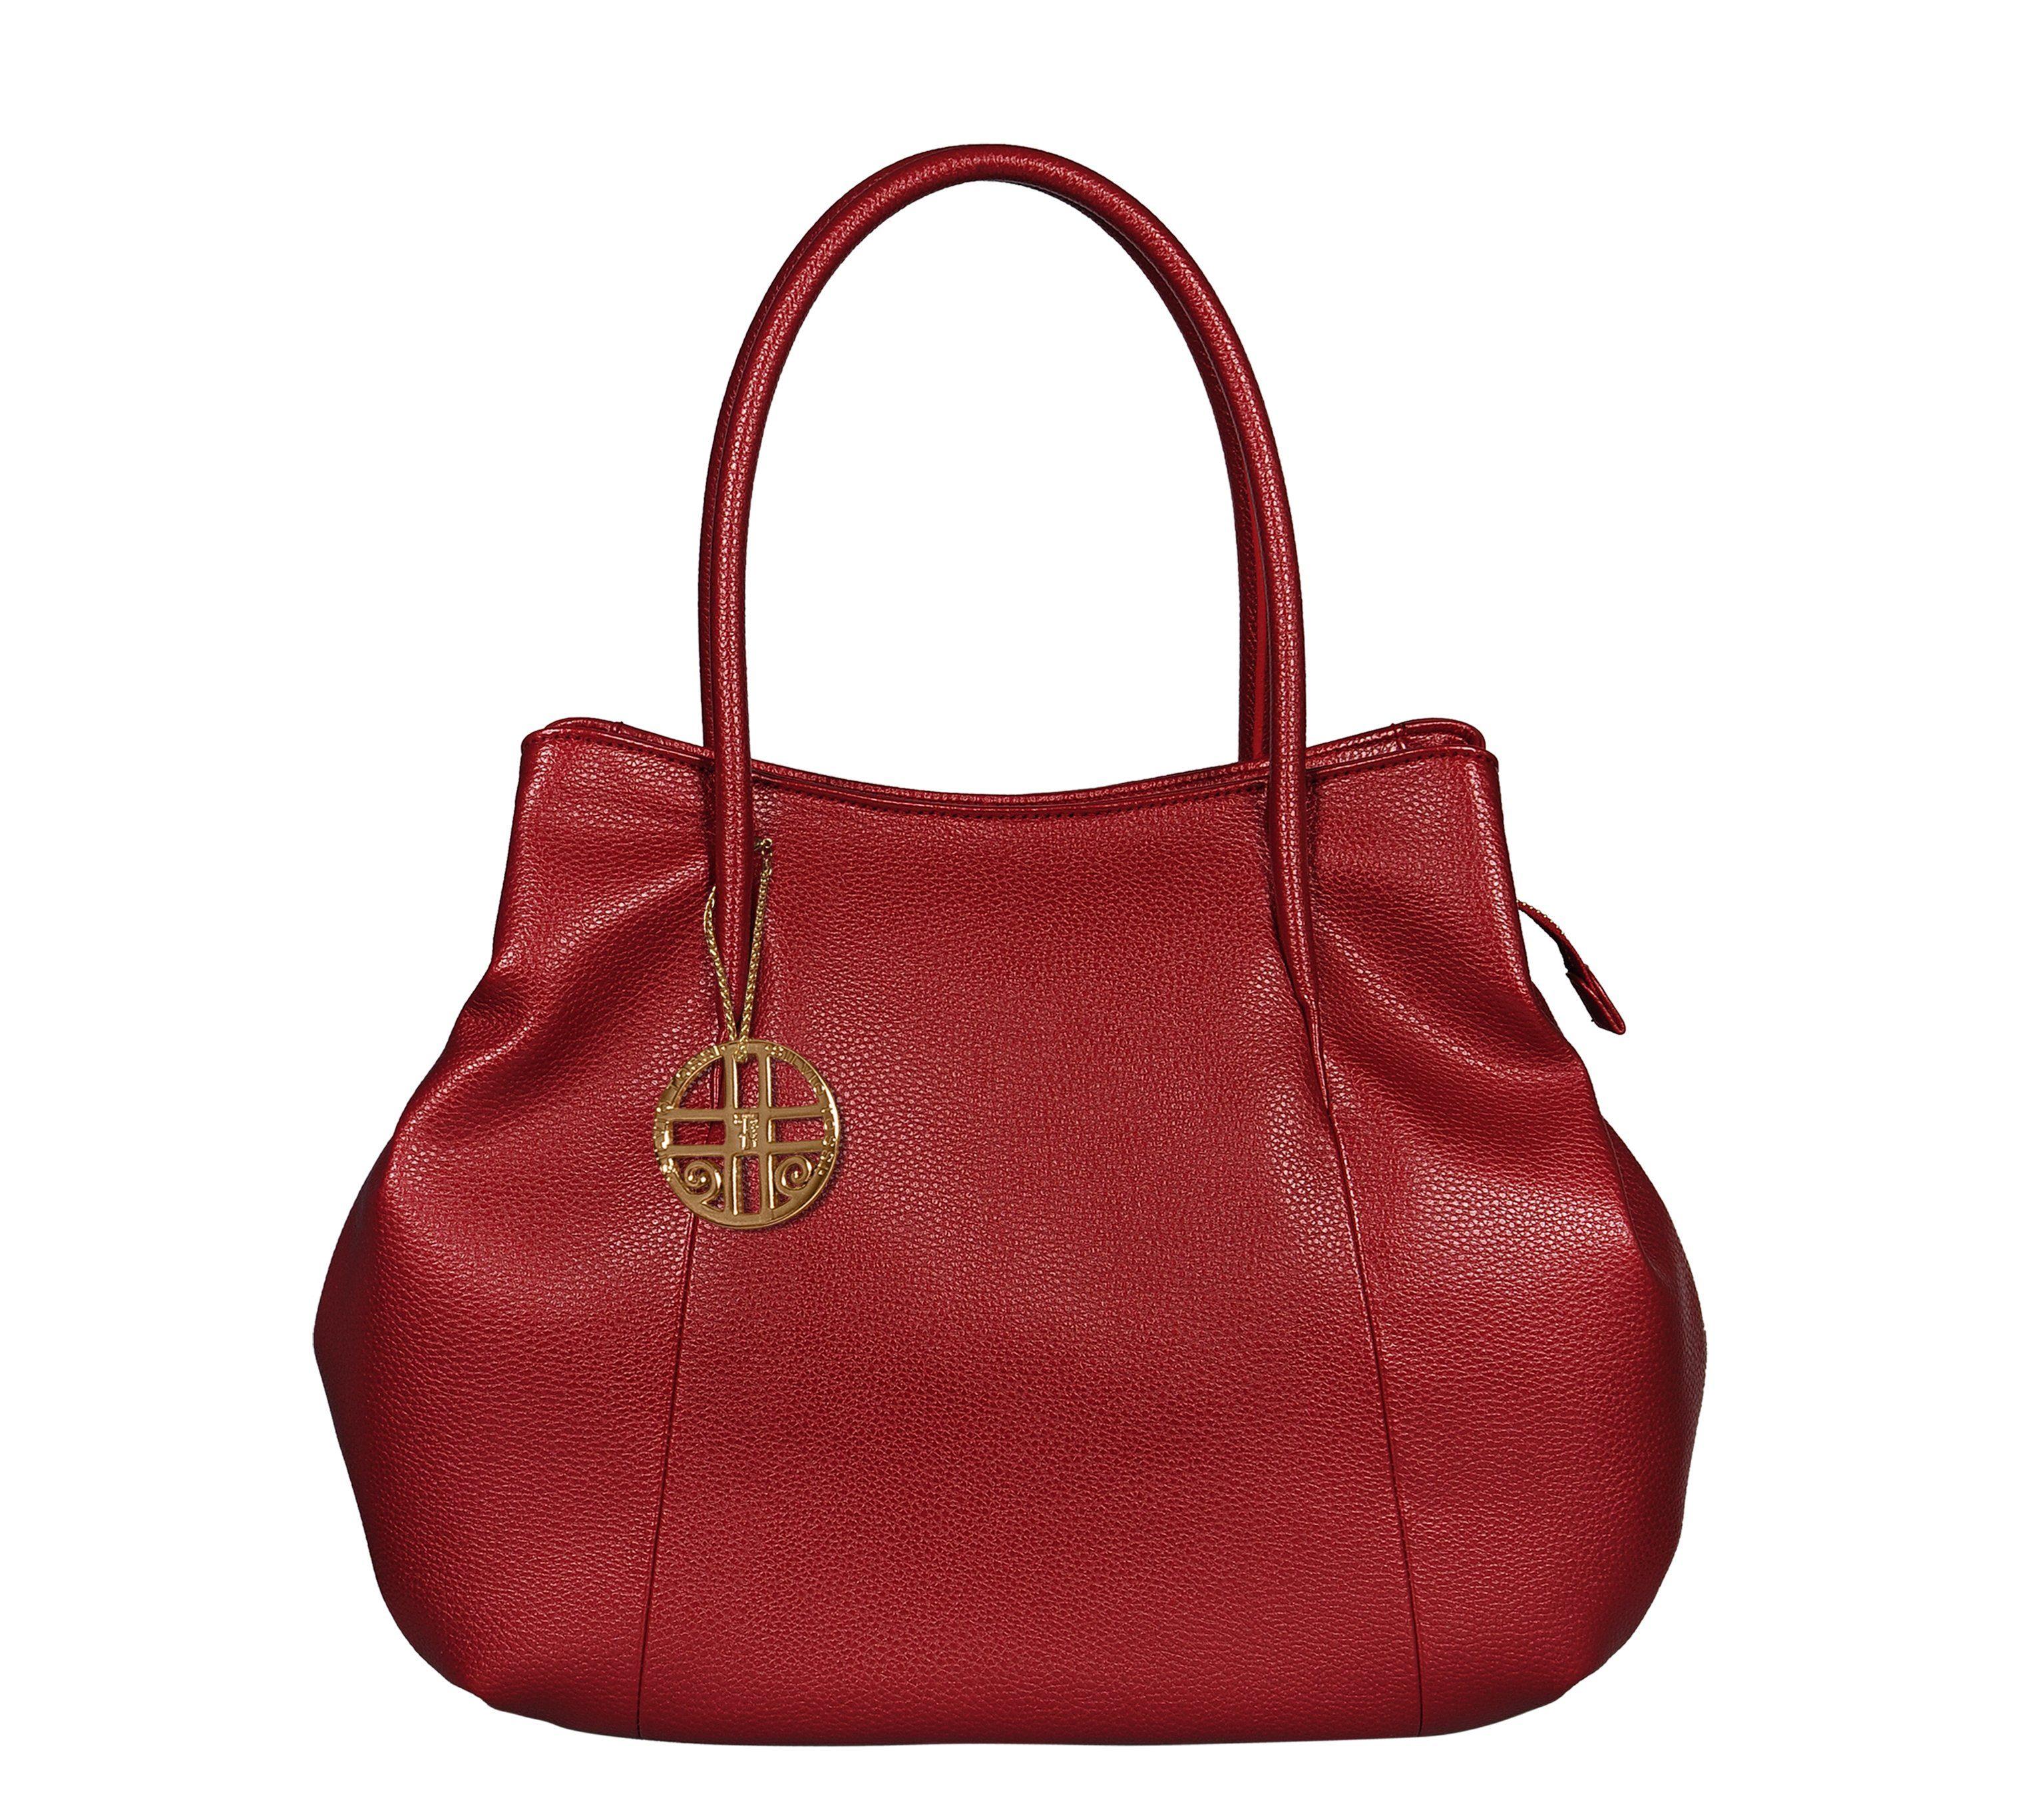 Silvio Tossi Handtasche mit Spezialschutzschicht und Markenanhänger